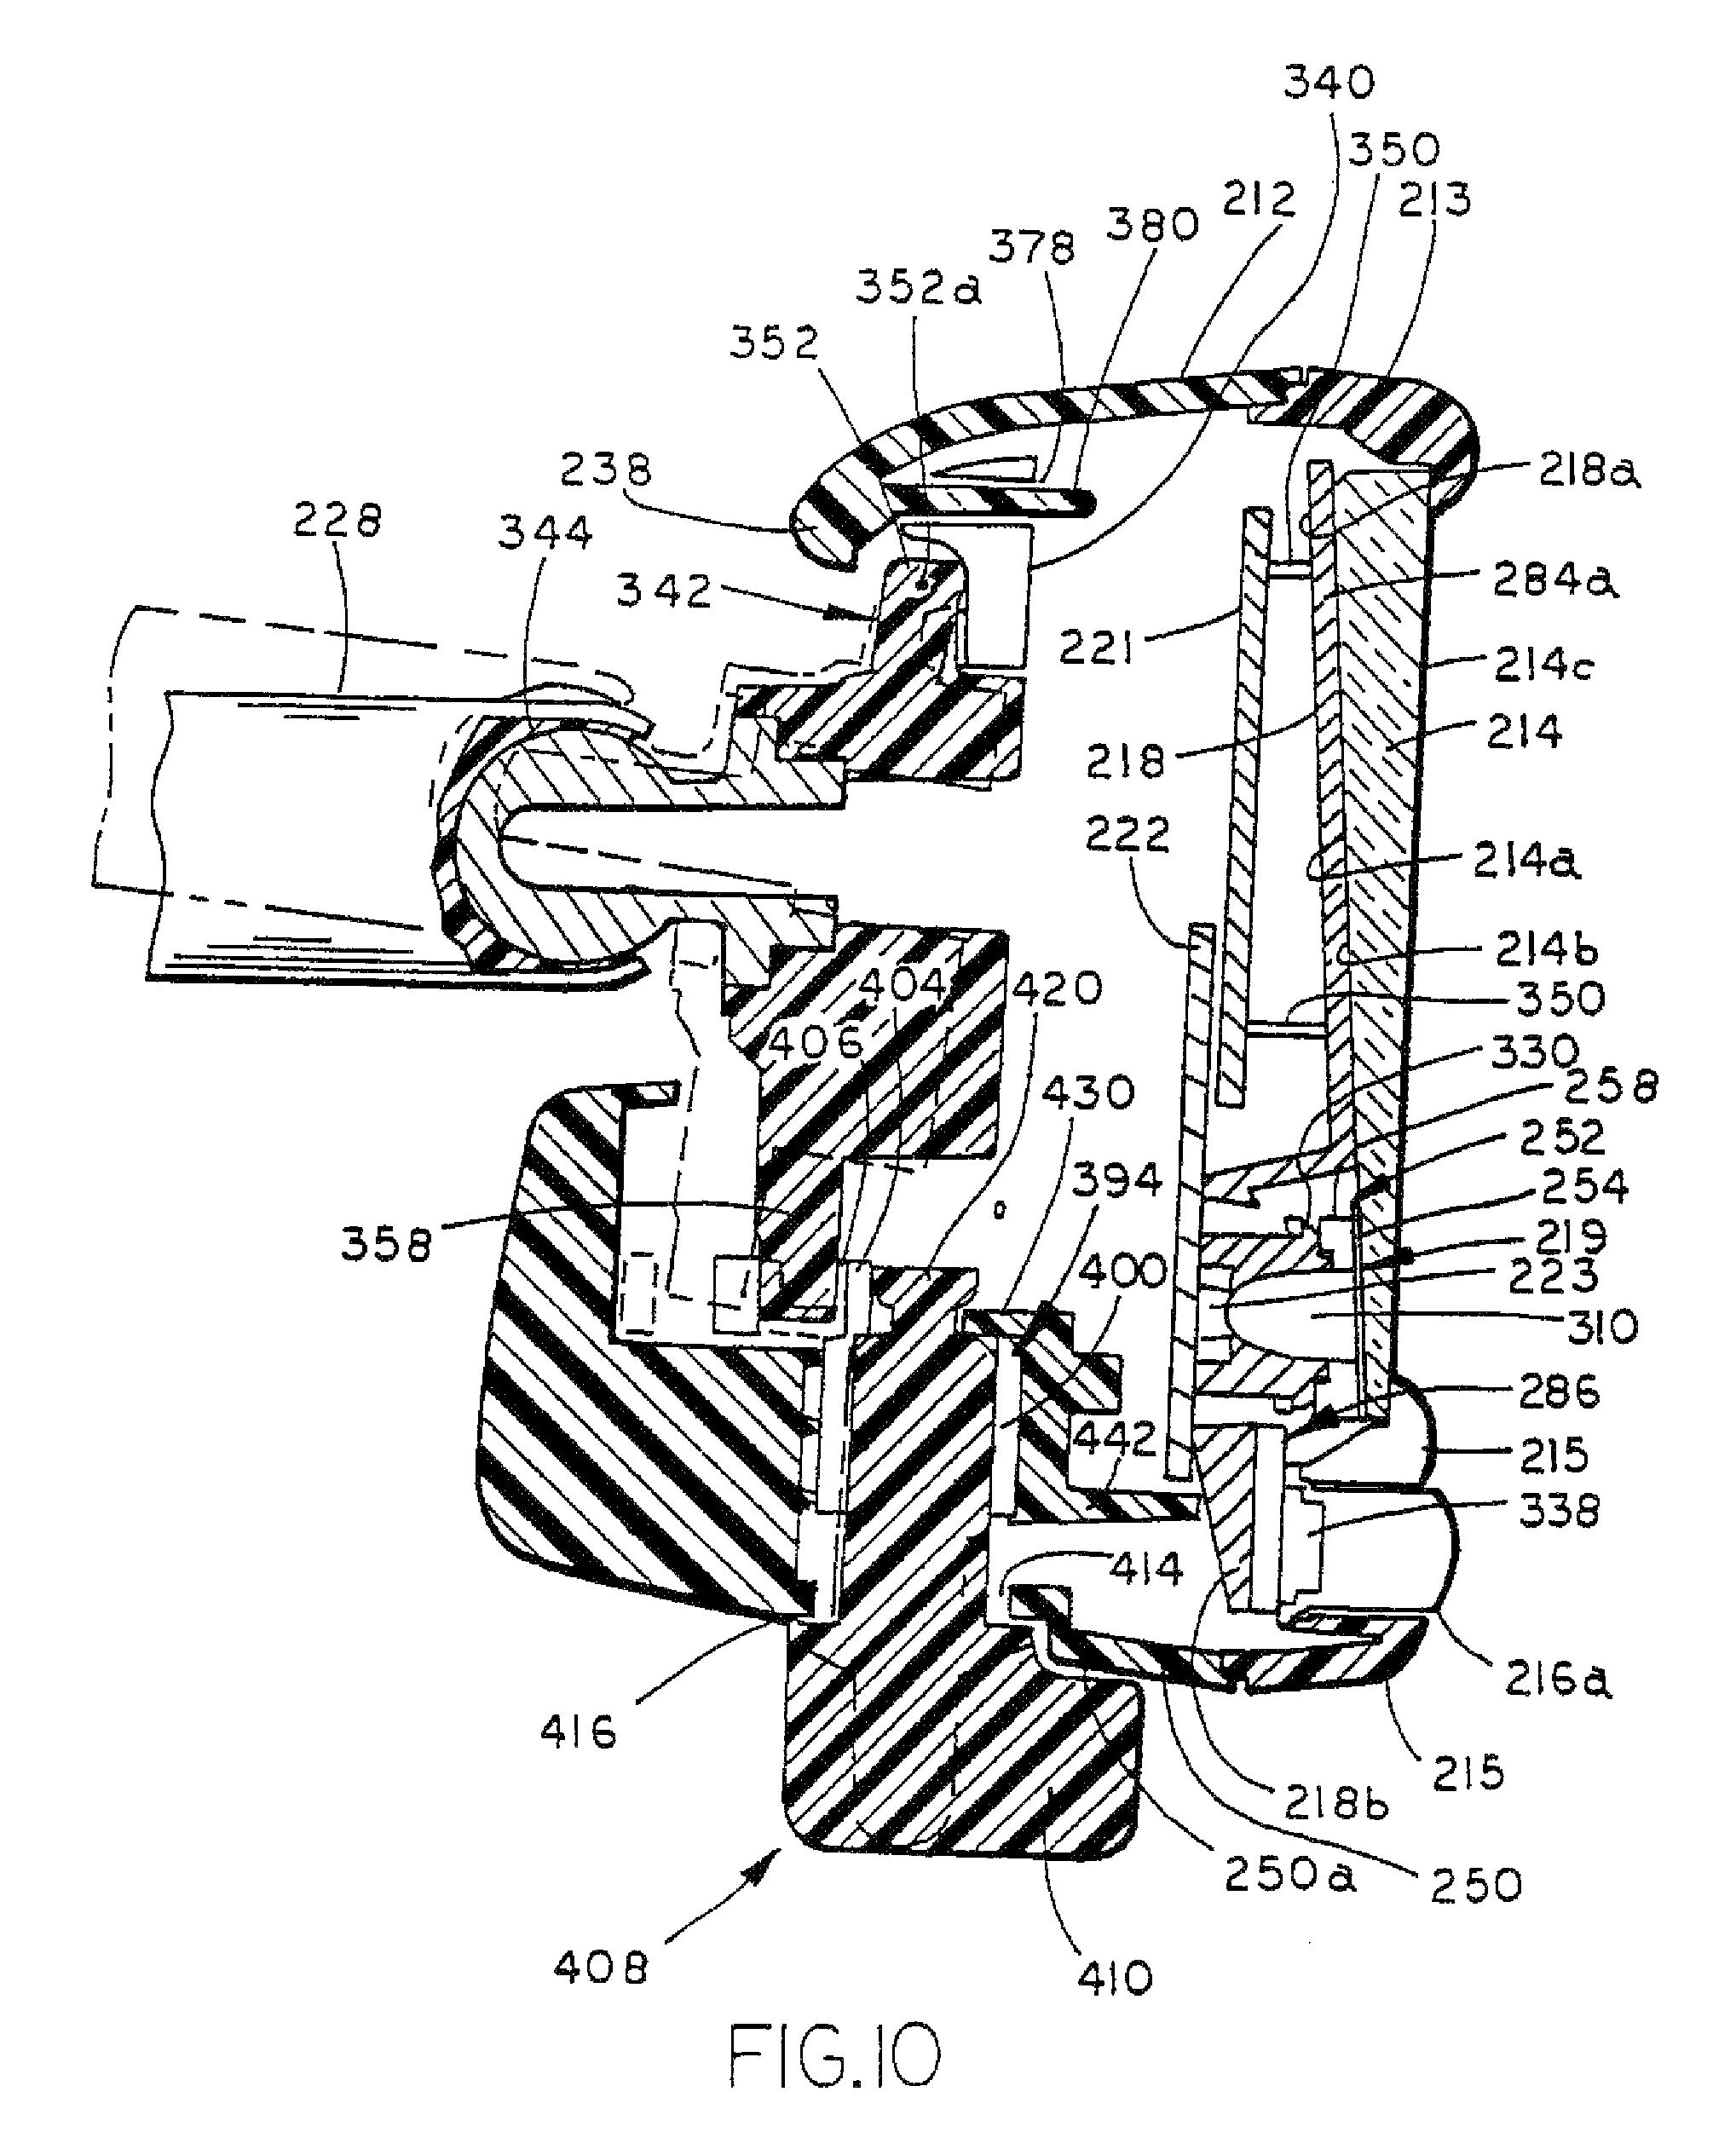 patent us 8 162 493 b2 2008 Saturn Ion Sedan petitions